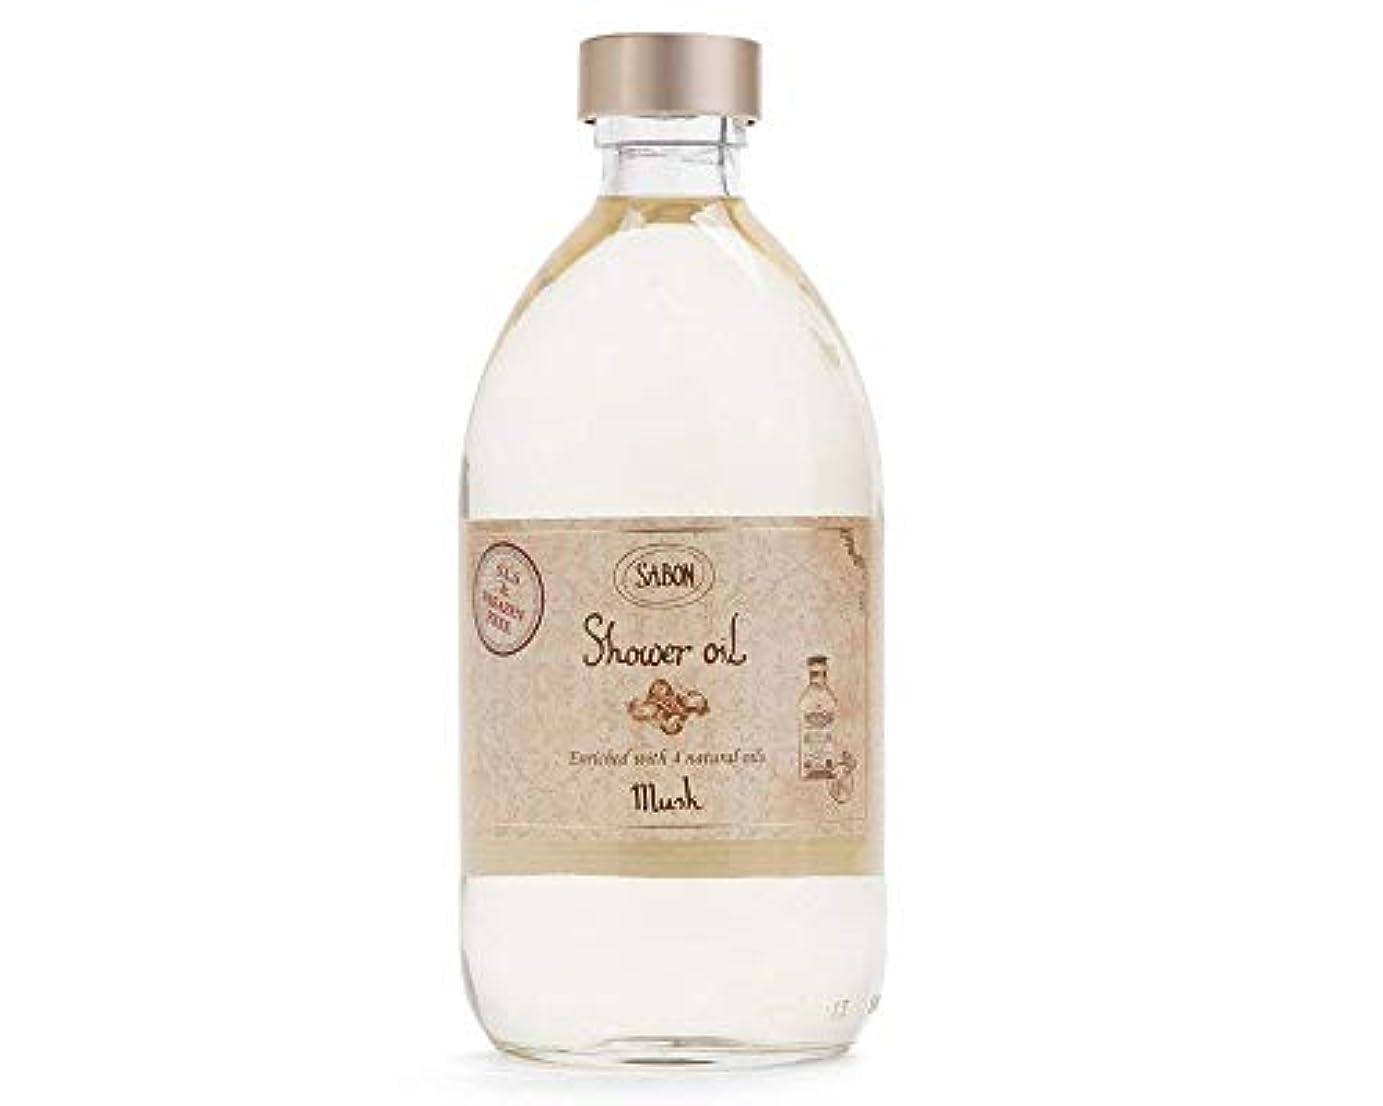 ただやる湿った漏斗サボン SABON シャワーオイル ムスク 500ml ボディケア 保湿 潤い (香水/コスメ)